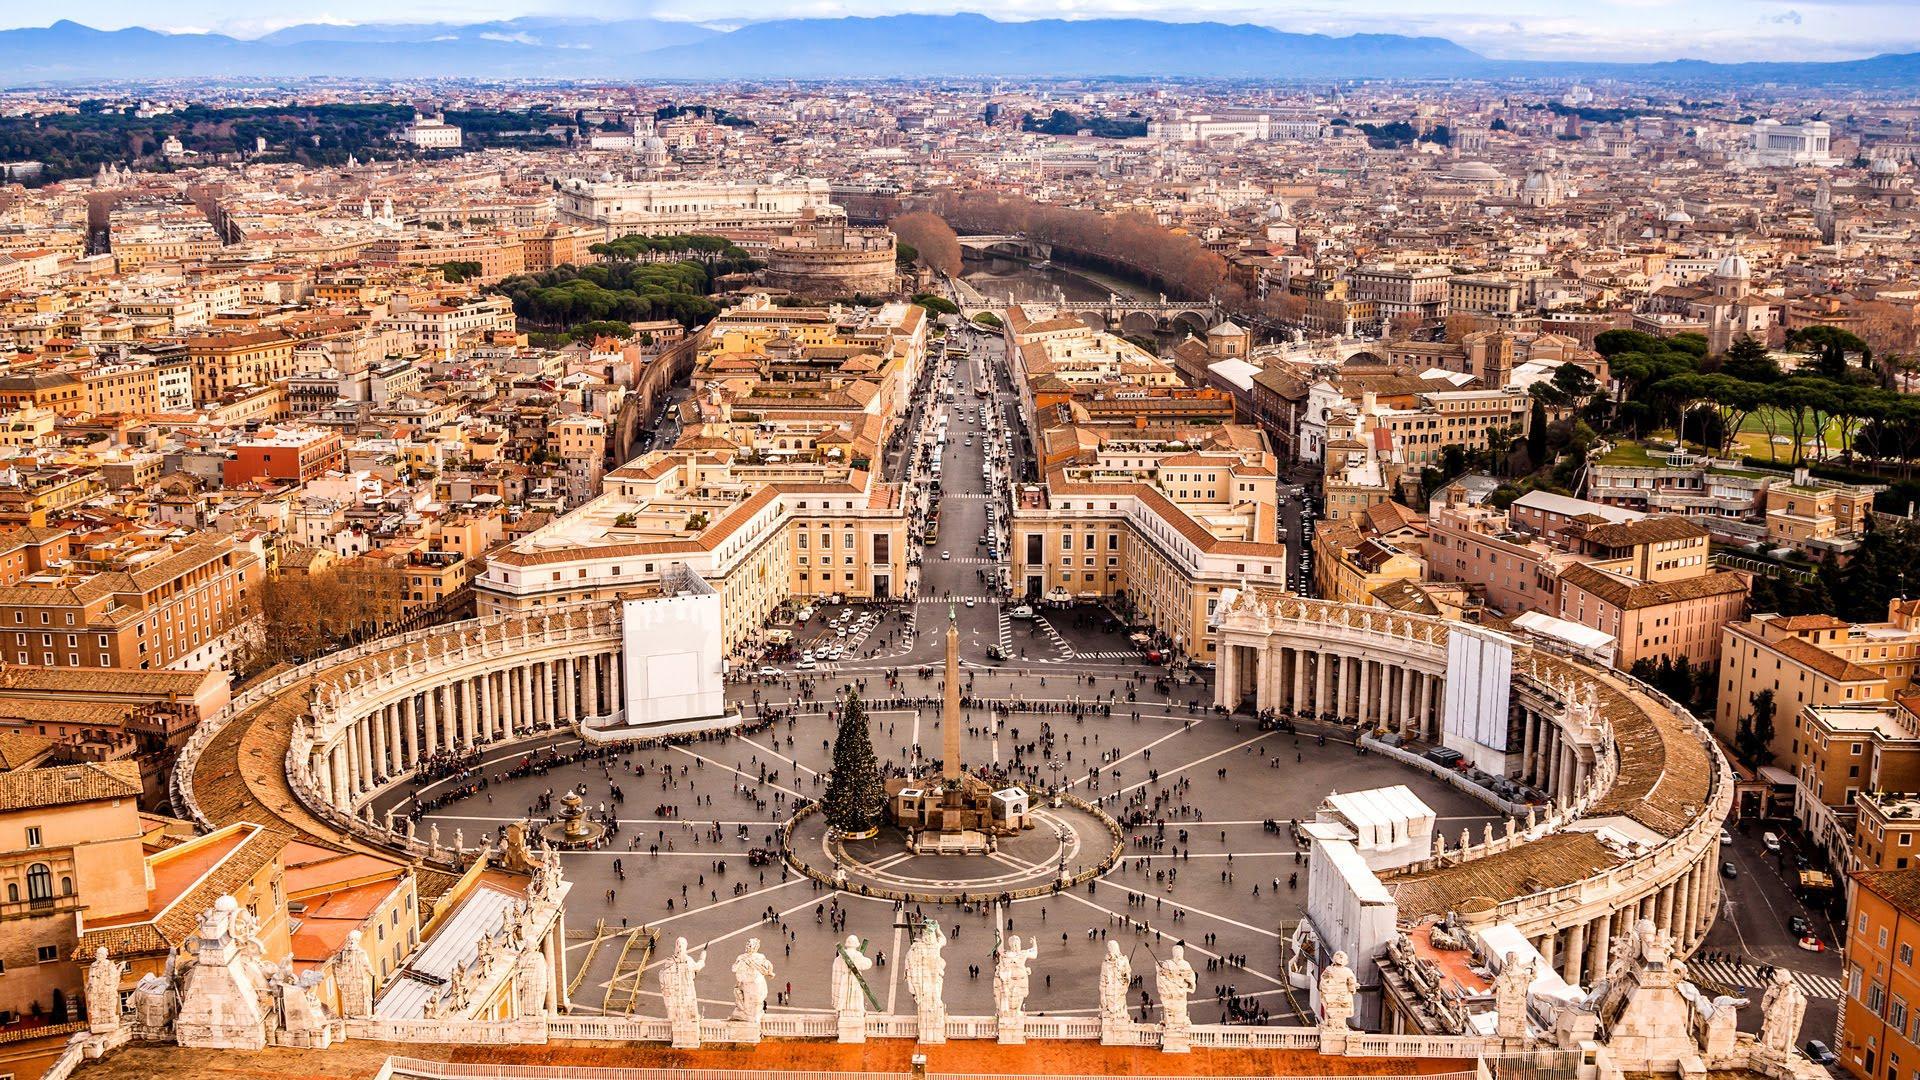 Vatican City Breastfeeding - vatican madri che allattano città sale di cura